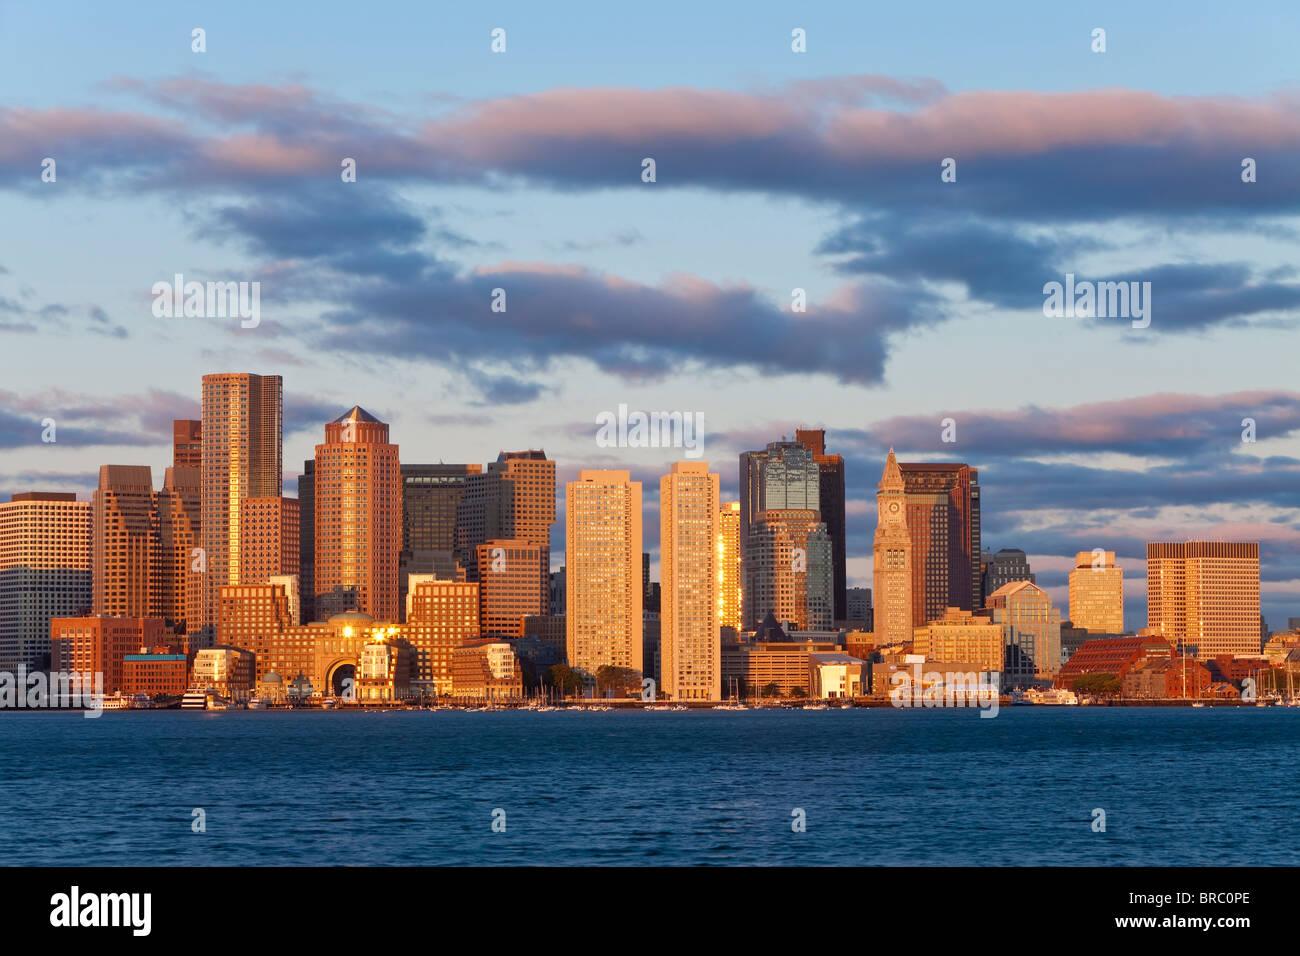 Ciudad skline vistos en todo Boston Harbor al amanecer, Boston, Massachusetts, Nueva Inglaterra, EE.UU. Imagen De Stock